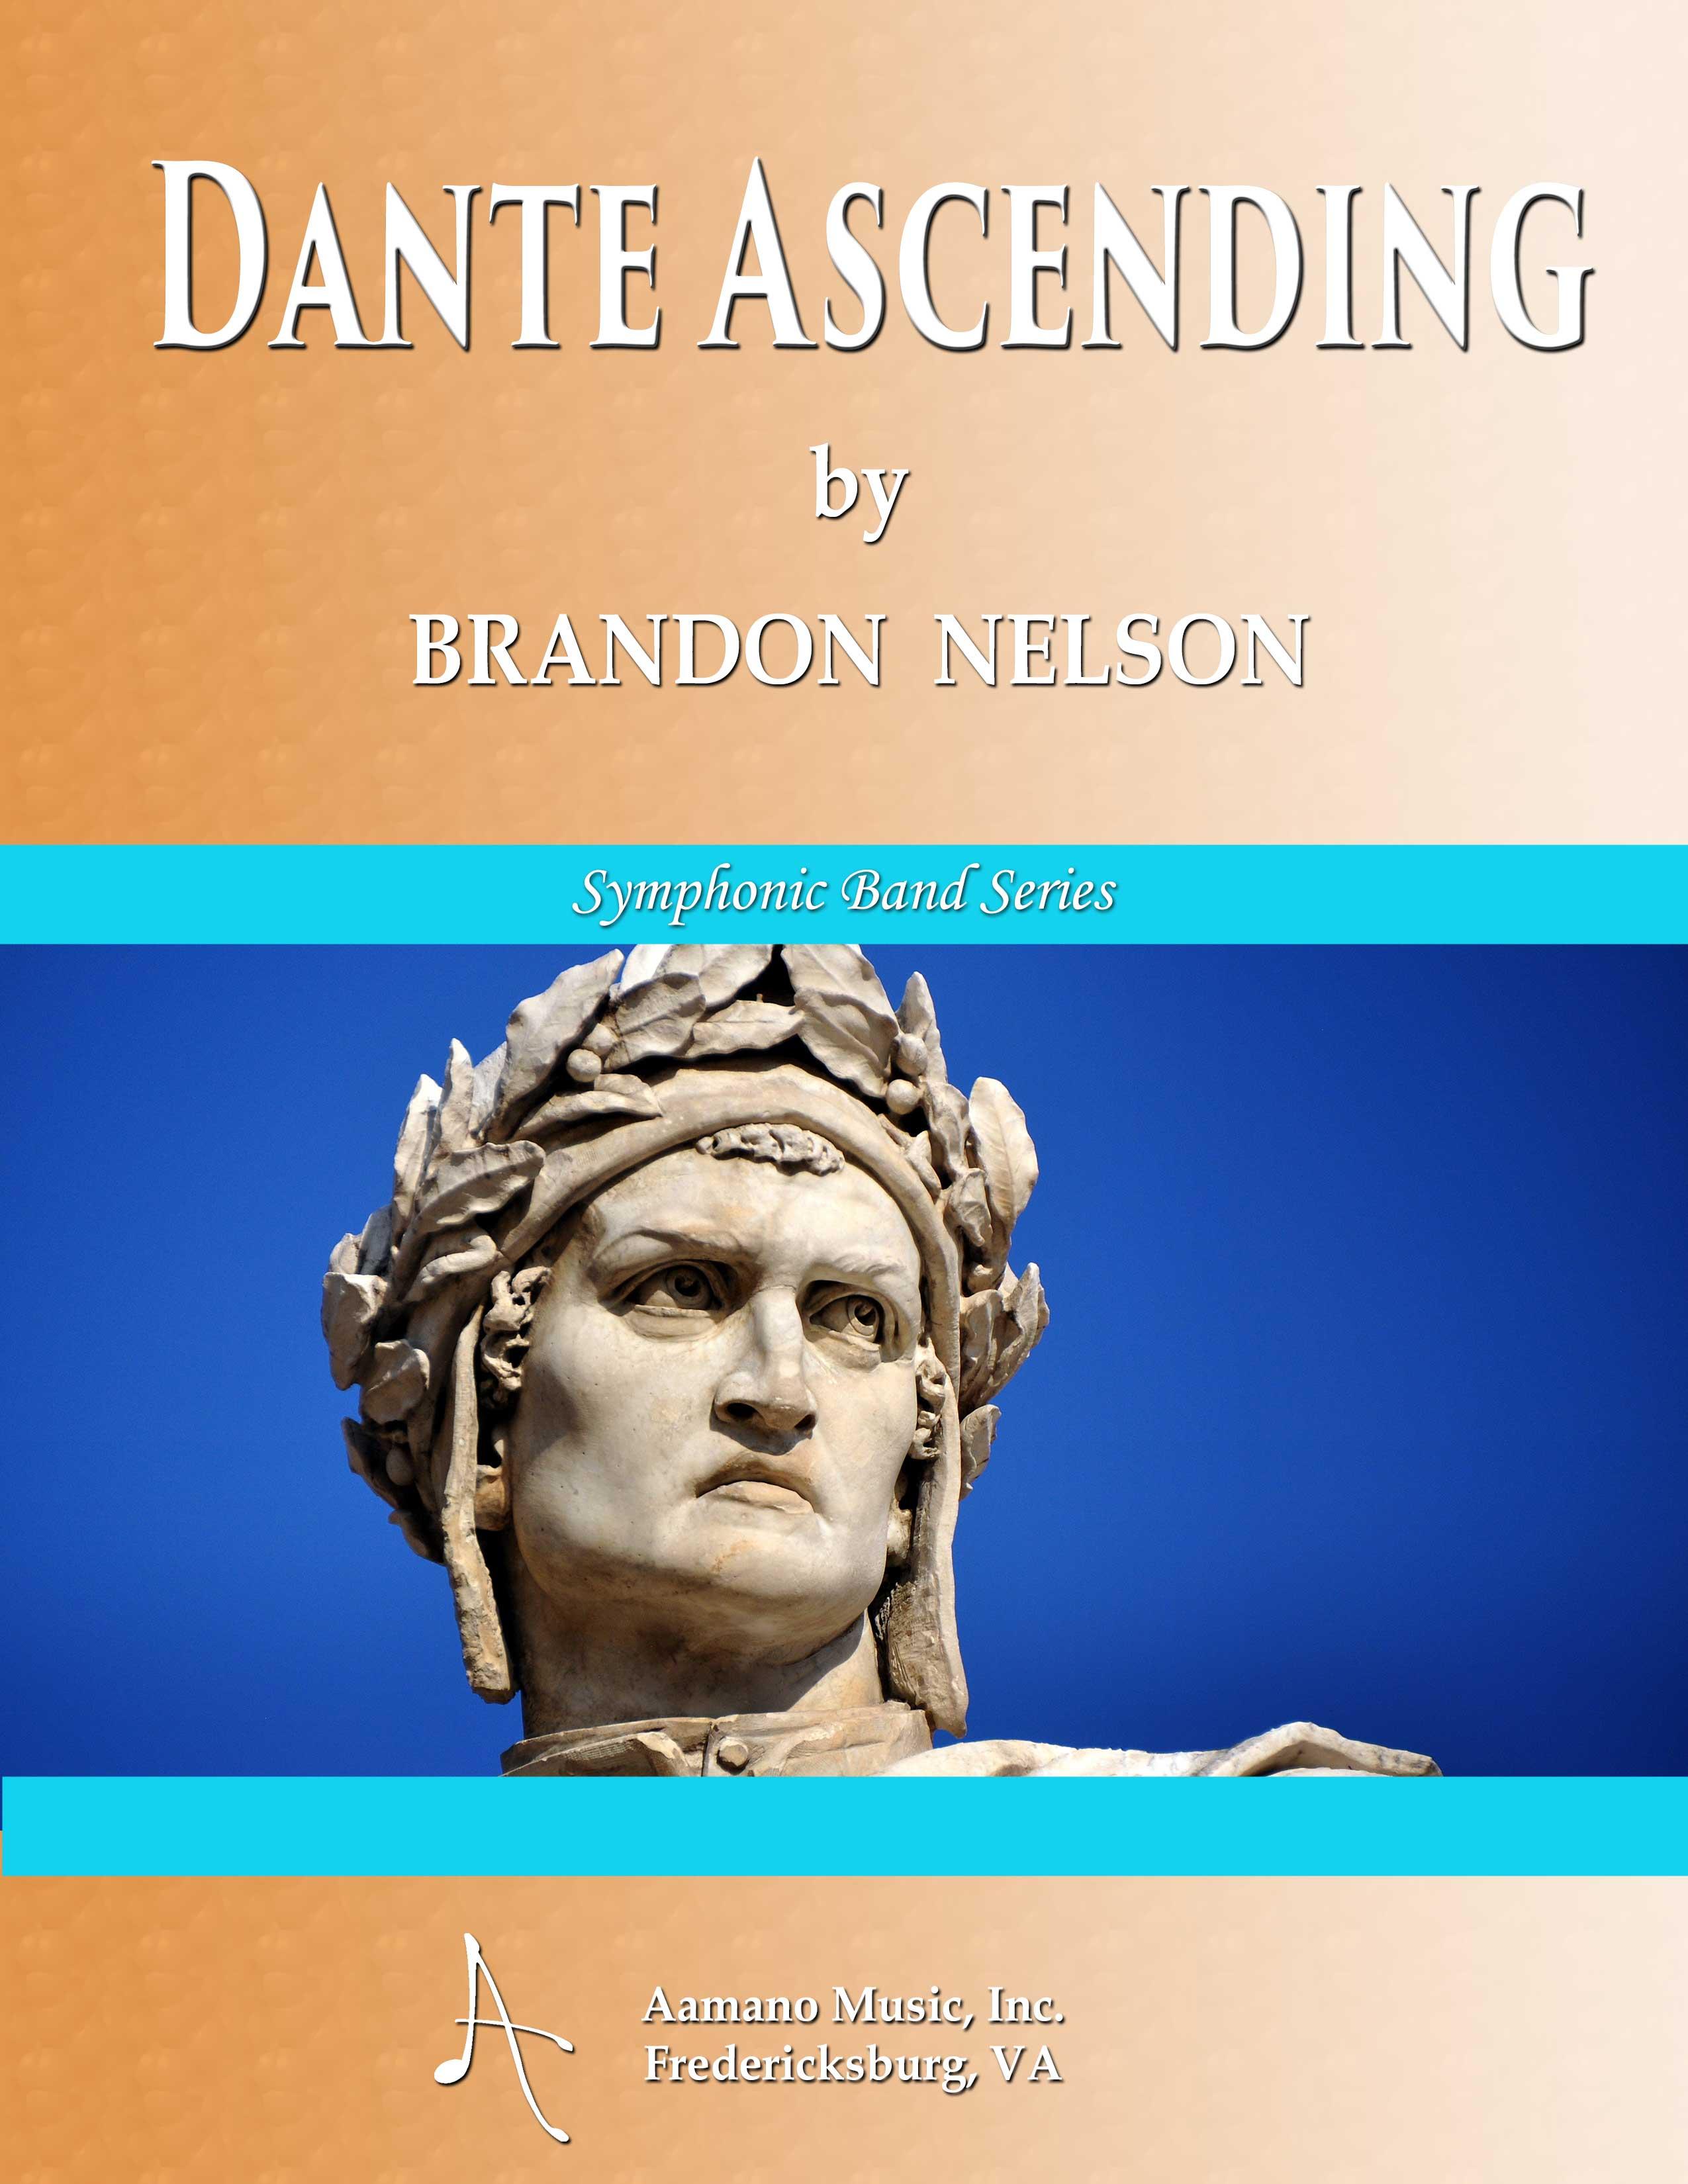 DANTE ASCENDING by Brandon Nelson